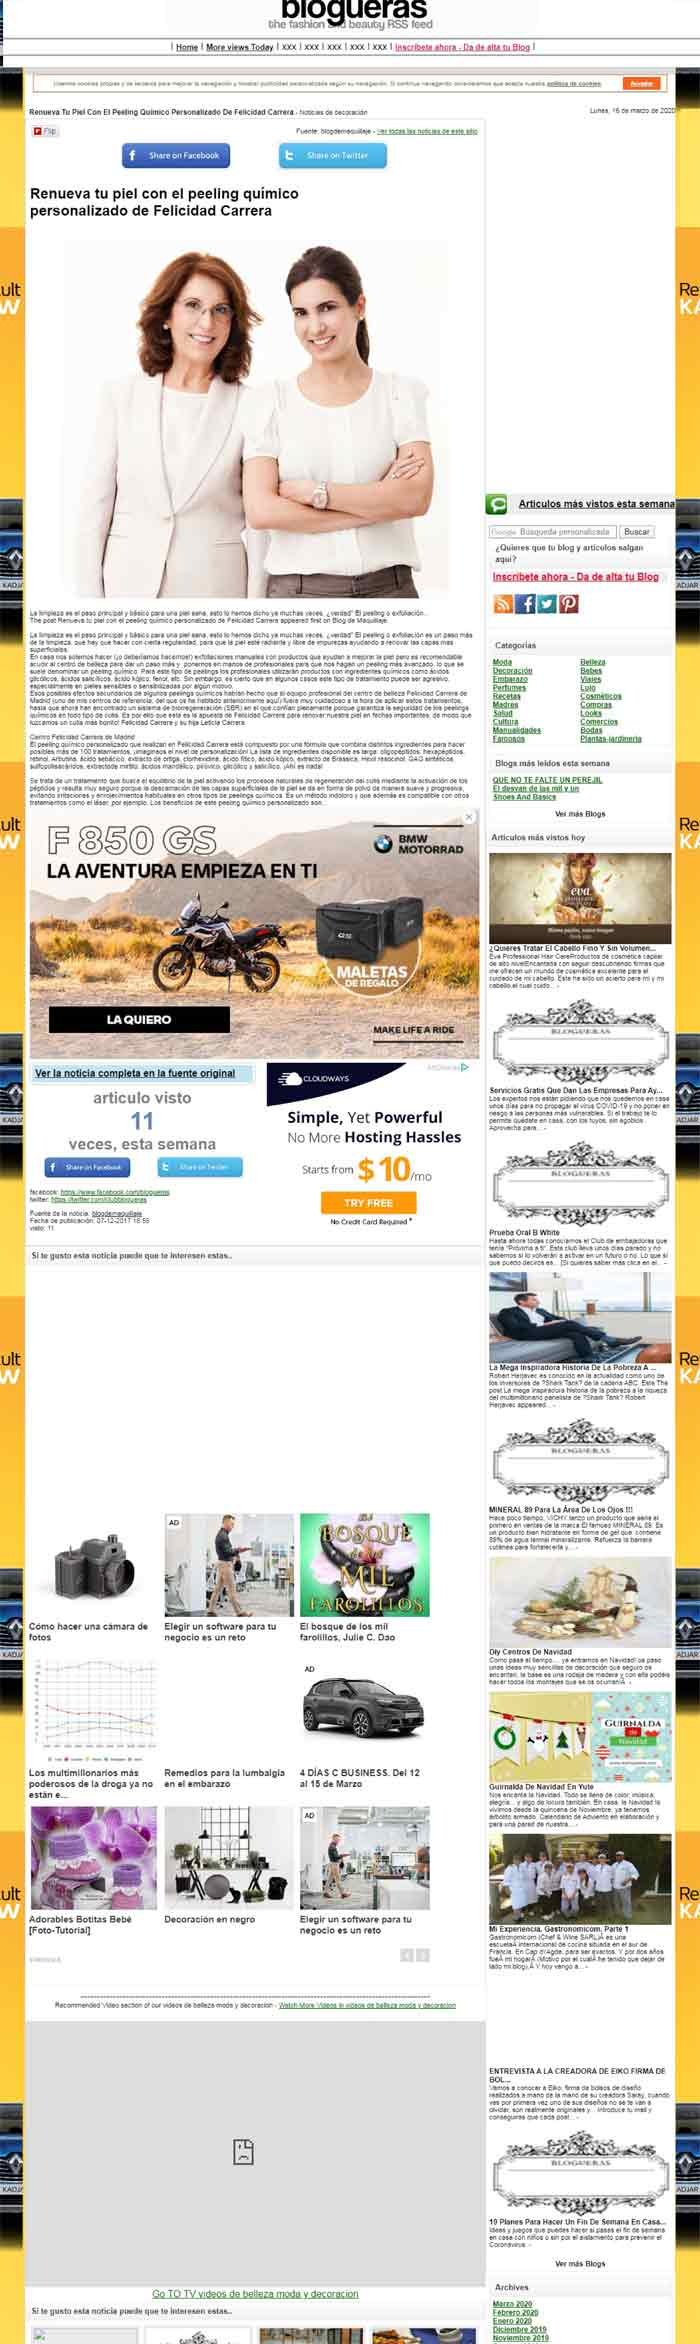 blogueras-net